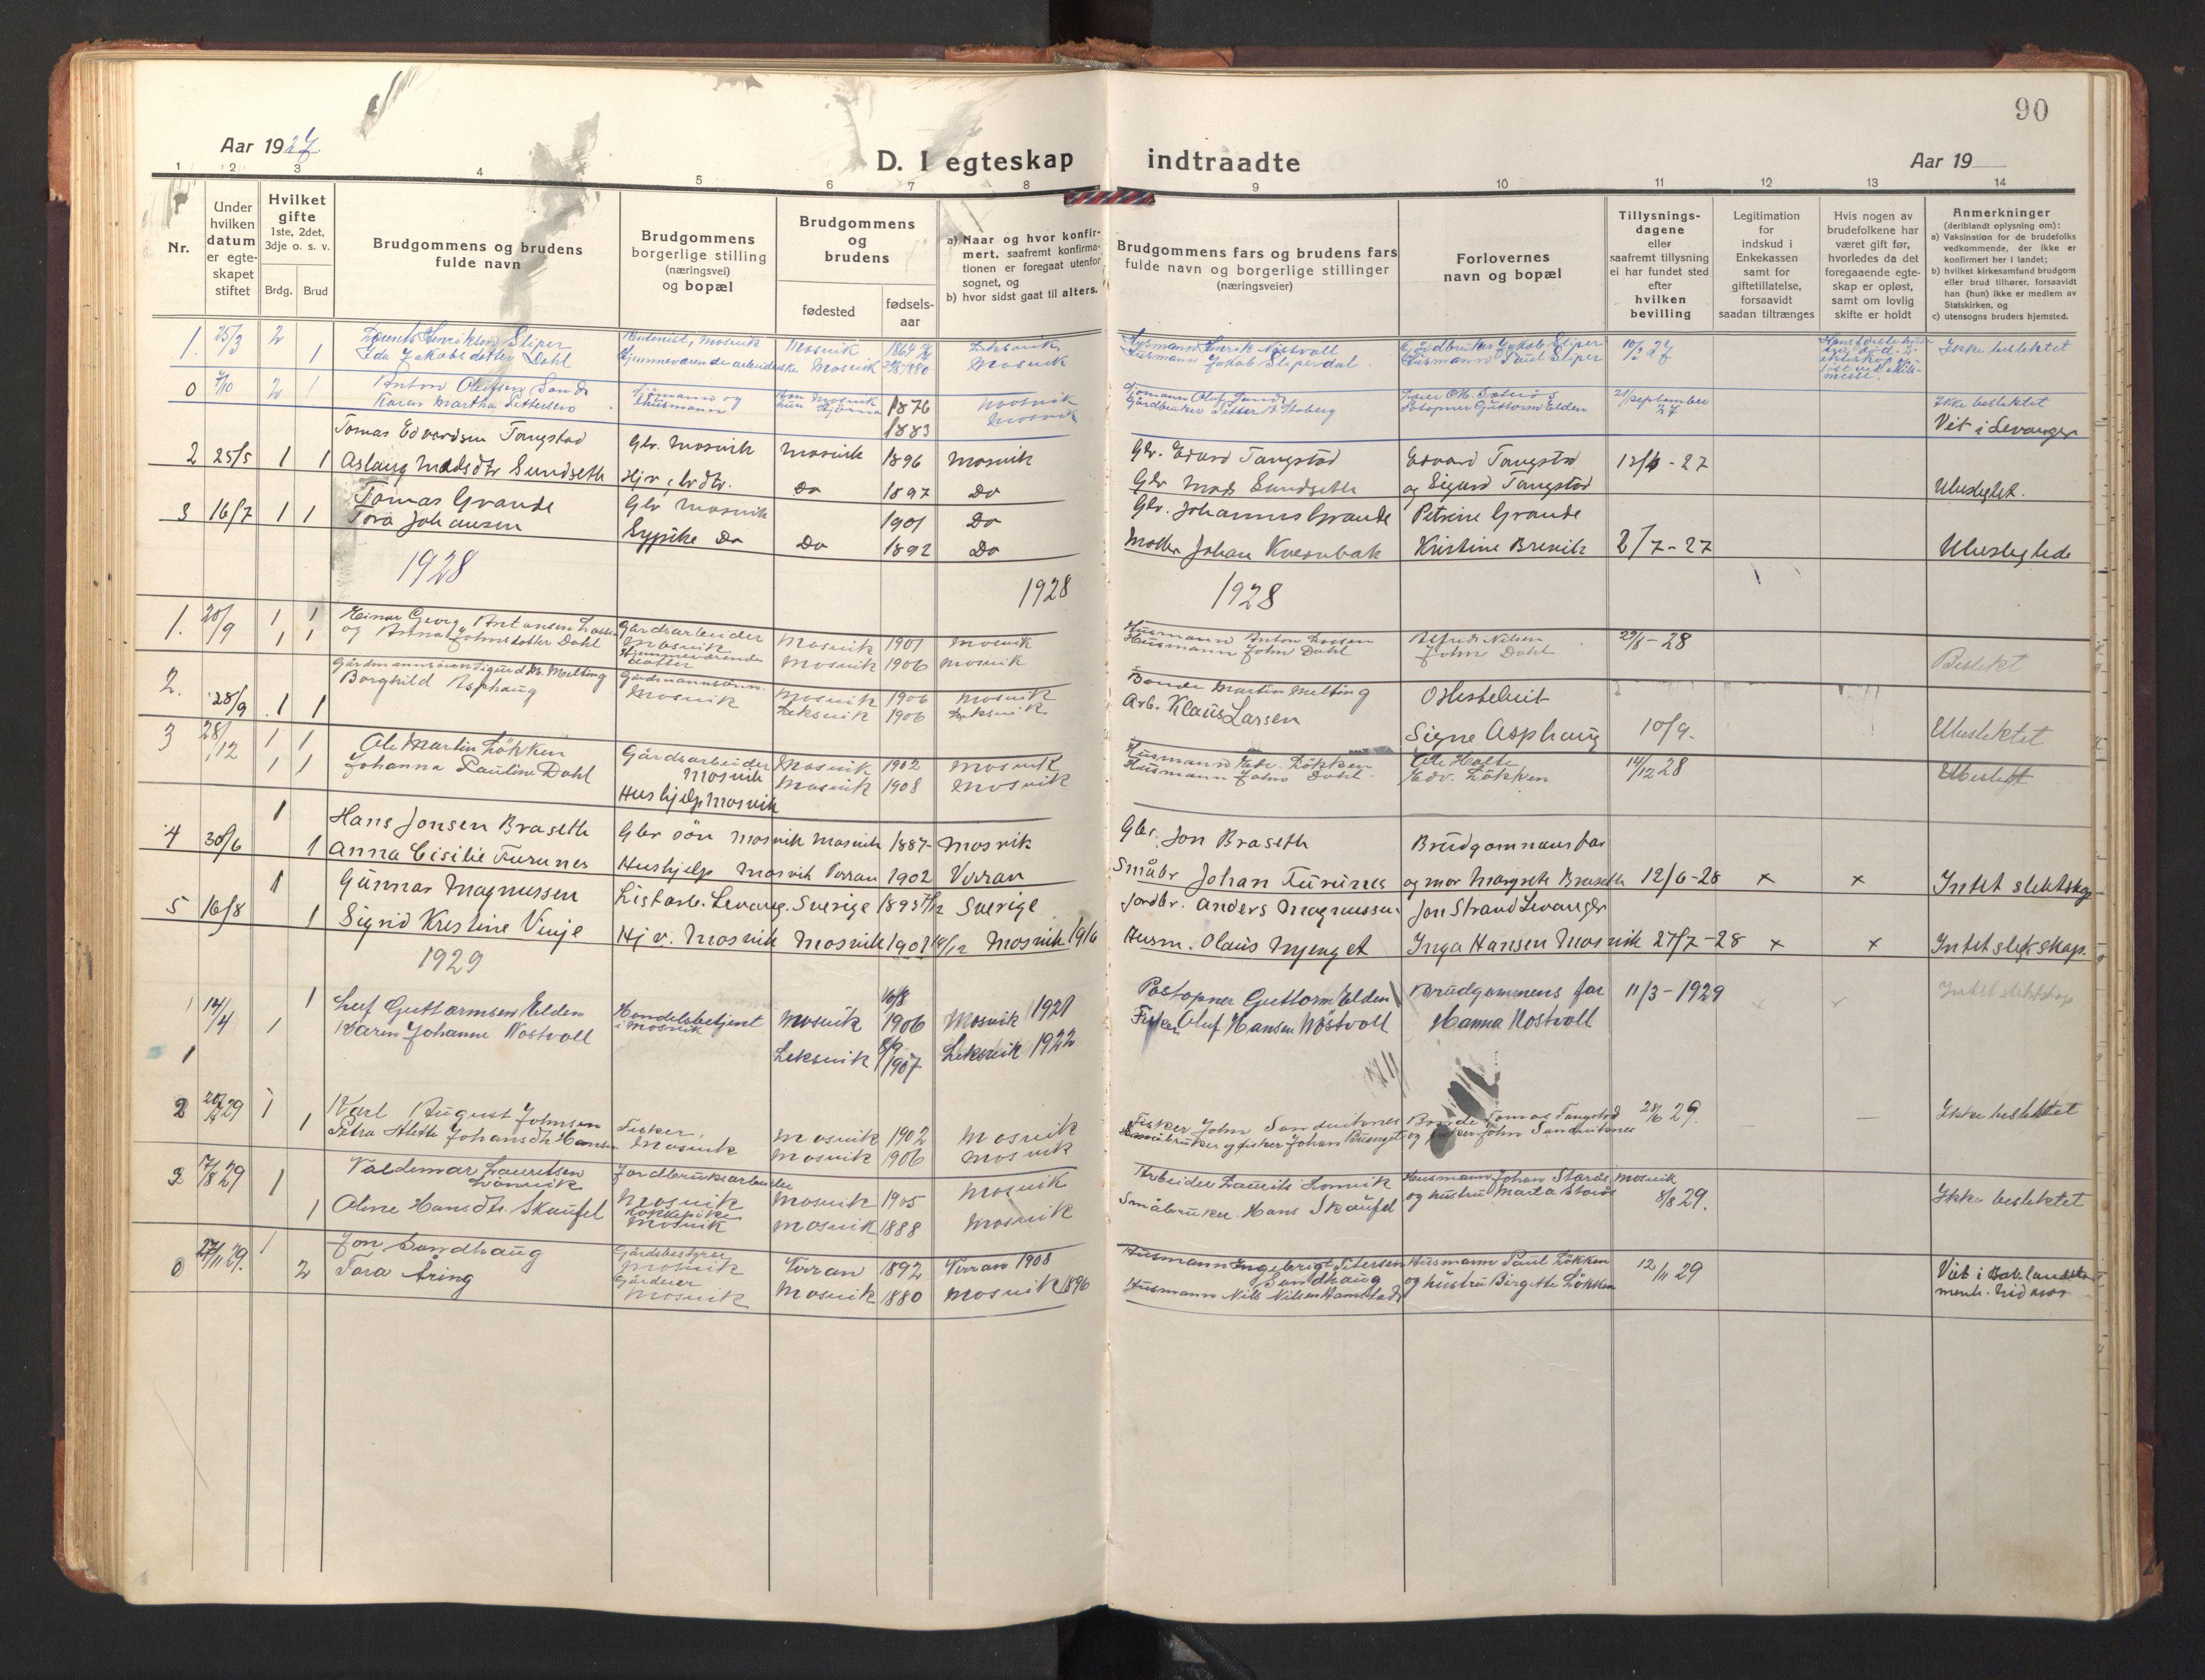 SAT, Ministerialprotokoller, klokkerbøker og fødselsregistre - Nord-Trøndelag, 733/L0328: Klokkerbok nr. 733C03, 1919-1966, s. 90